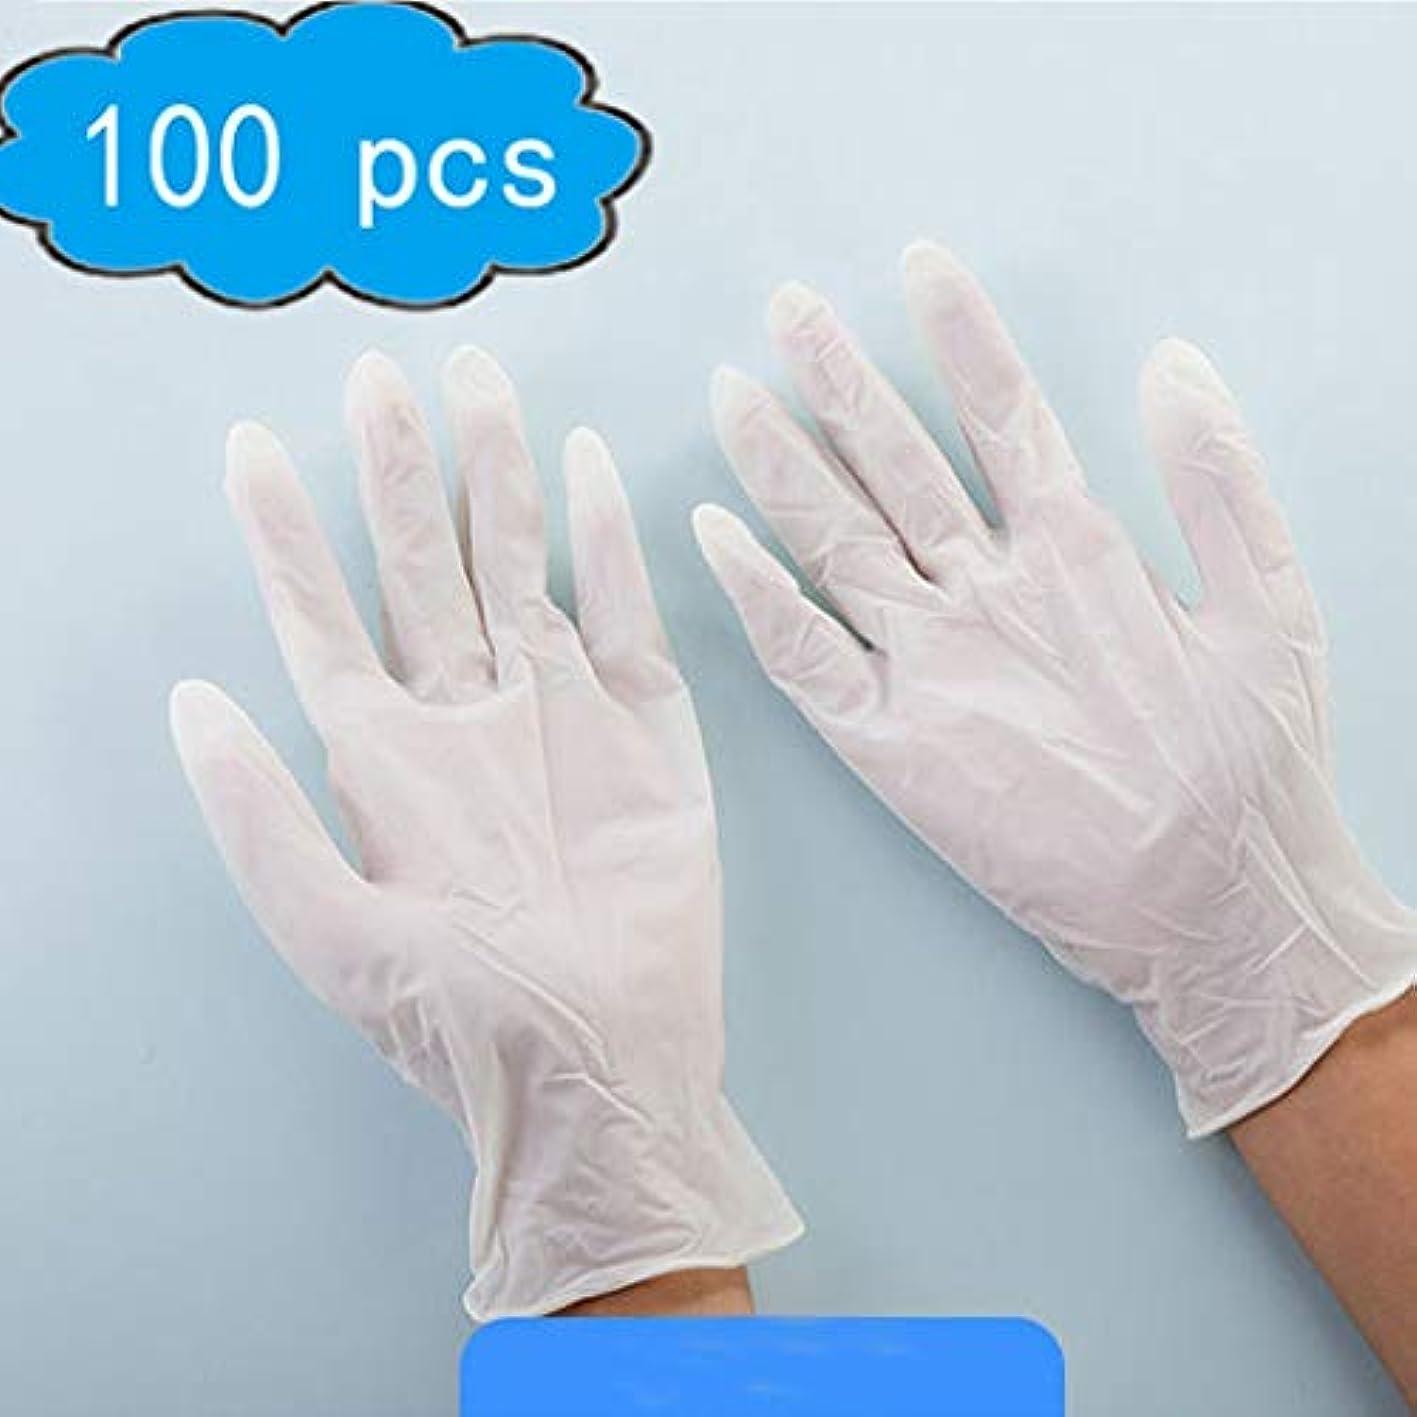 聖書差別マウス使い捨て手袋、厚手版、白い粉のない使い捨てニトリル手袋[100パック] - 大、サニタリー手袋、応急処置用品 (Color : White, Size : S)